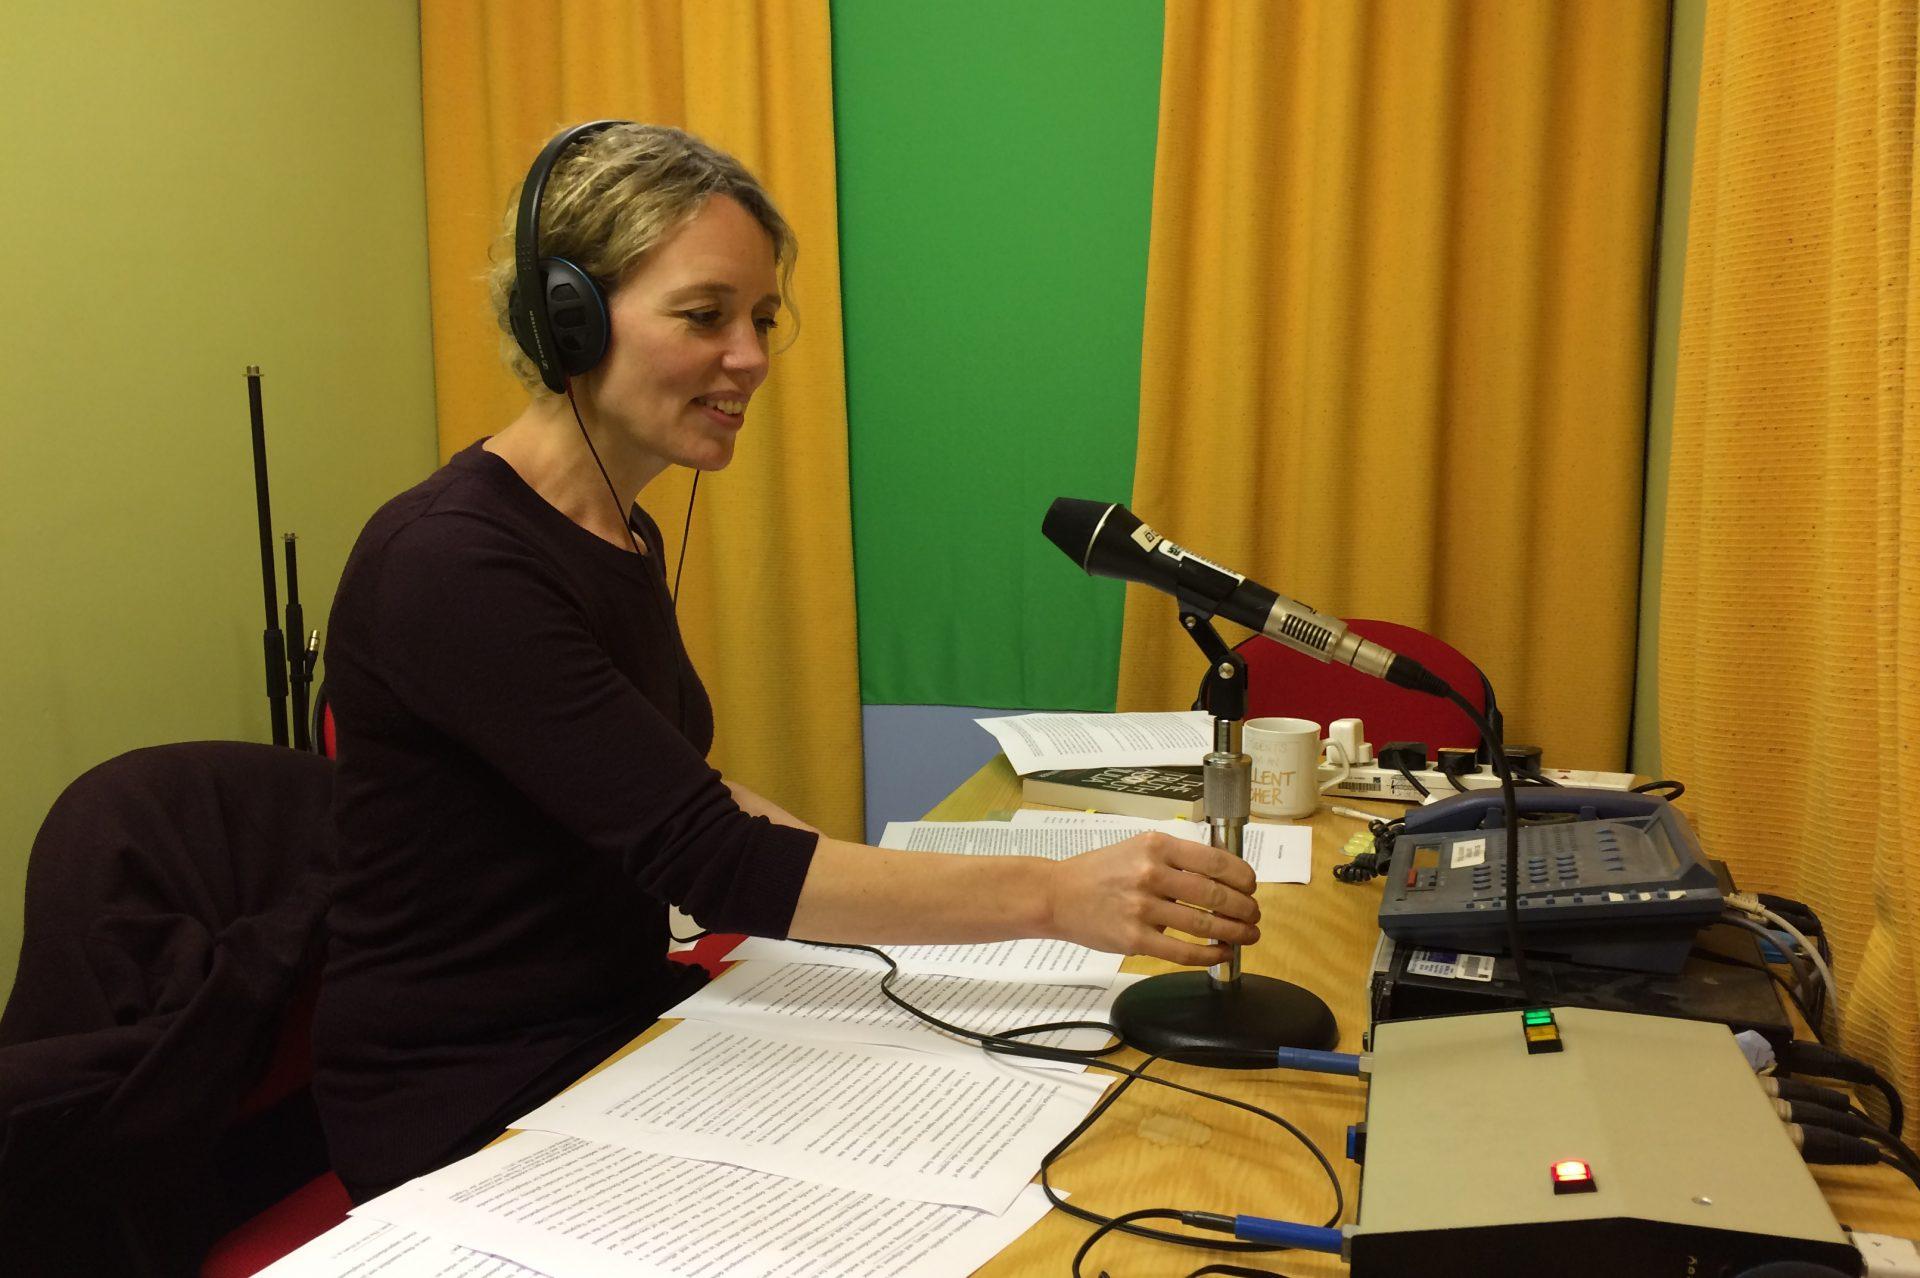 Anna Schaffner interviewed on radio